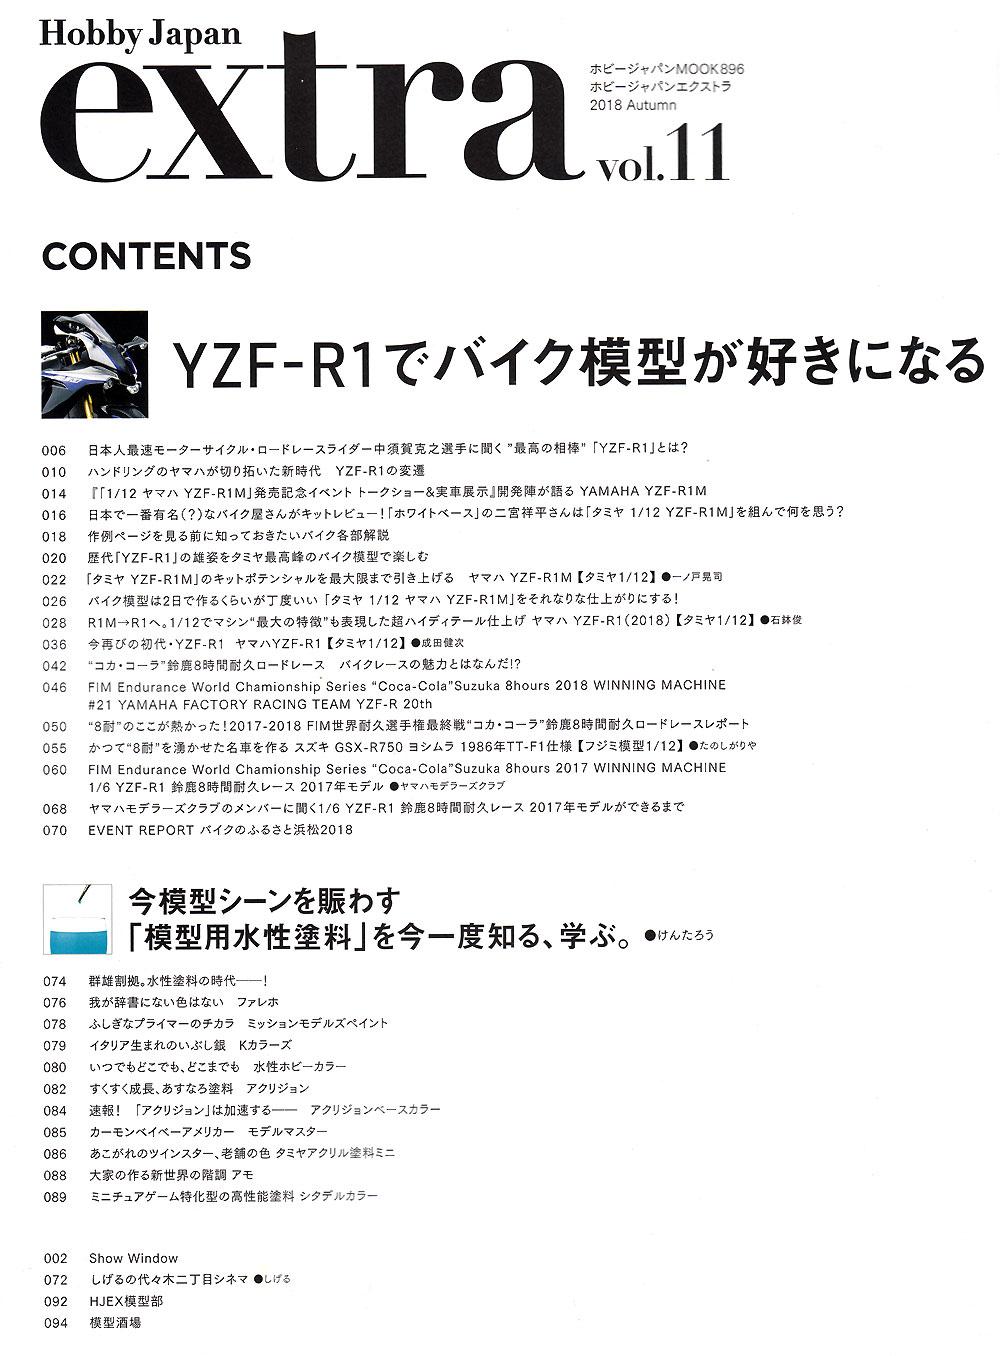 ホビージャパン エクストラ 2018 Autumn雑誌(ホビージャパンHobby Japan extra (ホビージャパン エクストラ)No.68149-96)商品画像_1